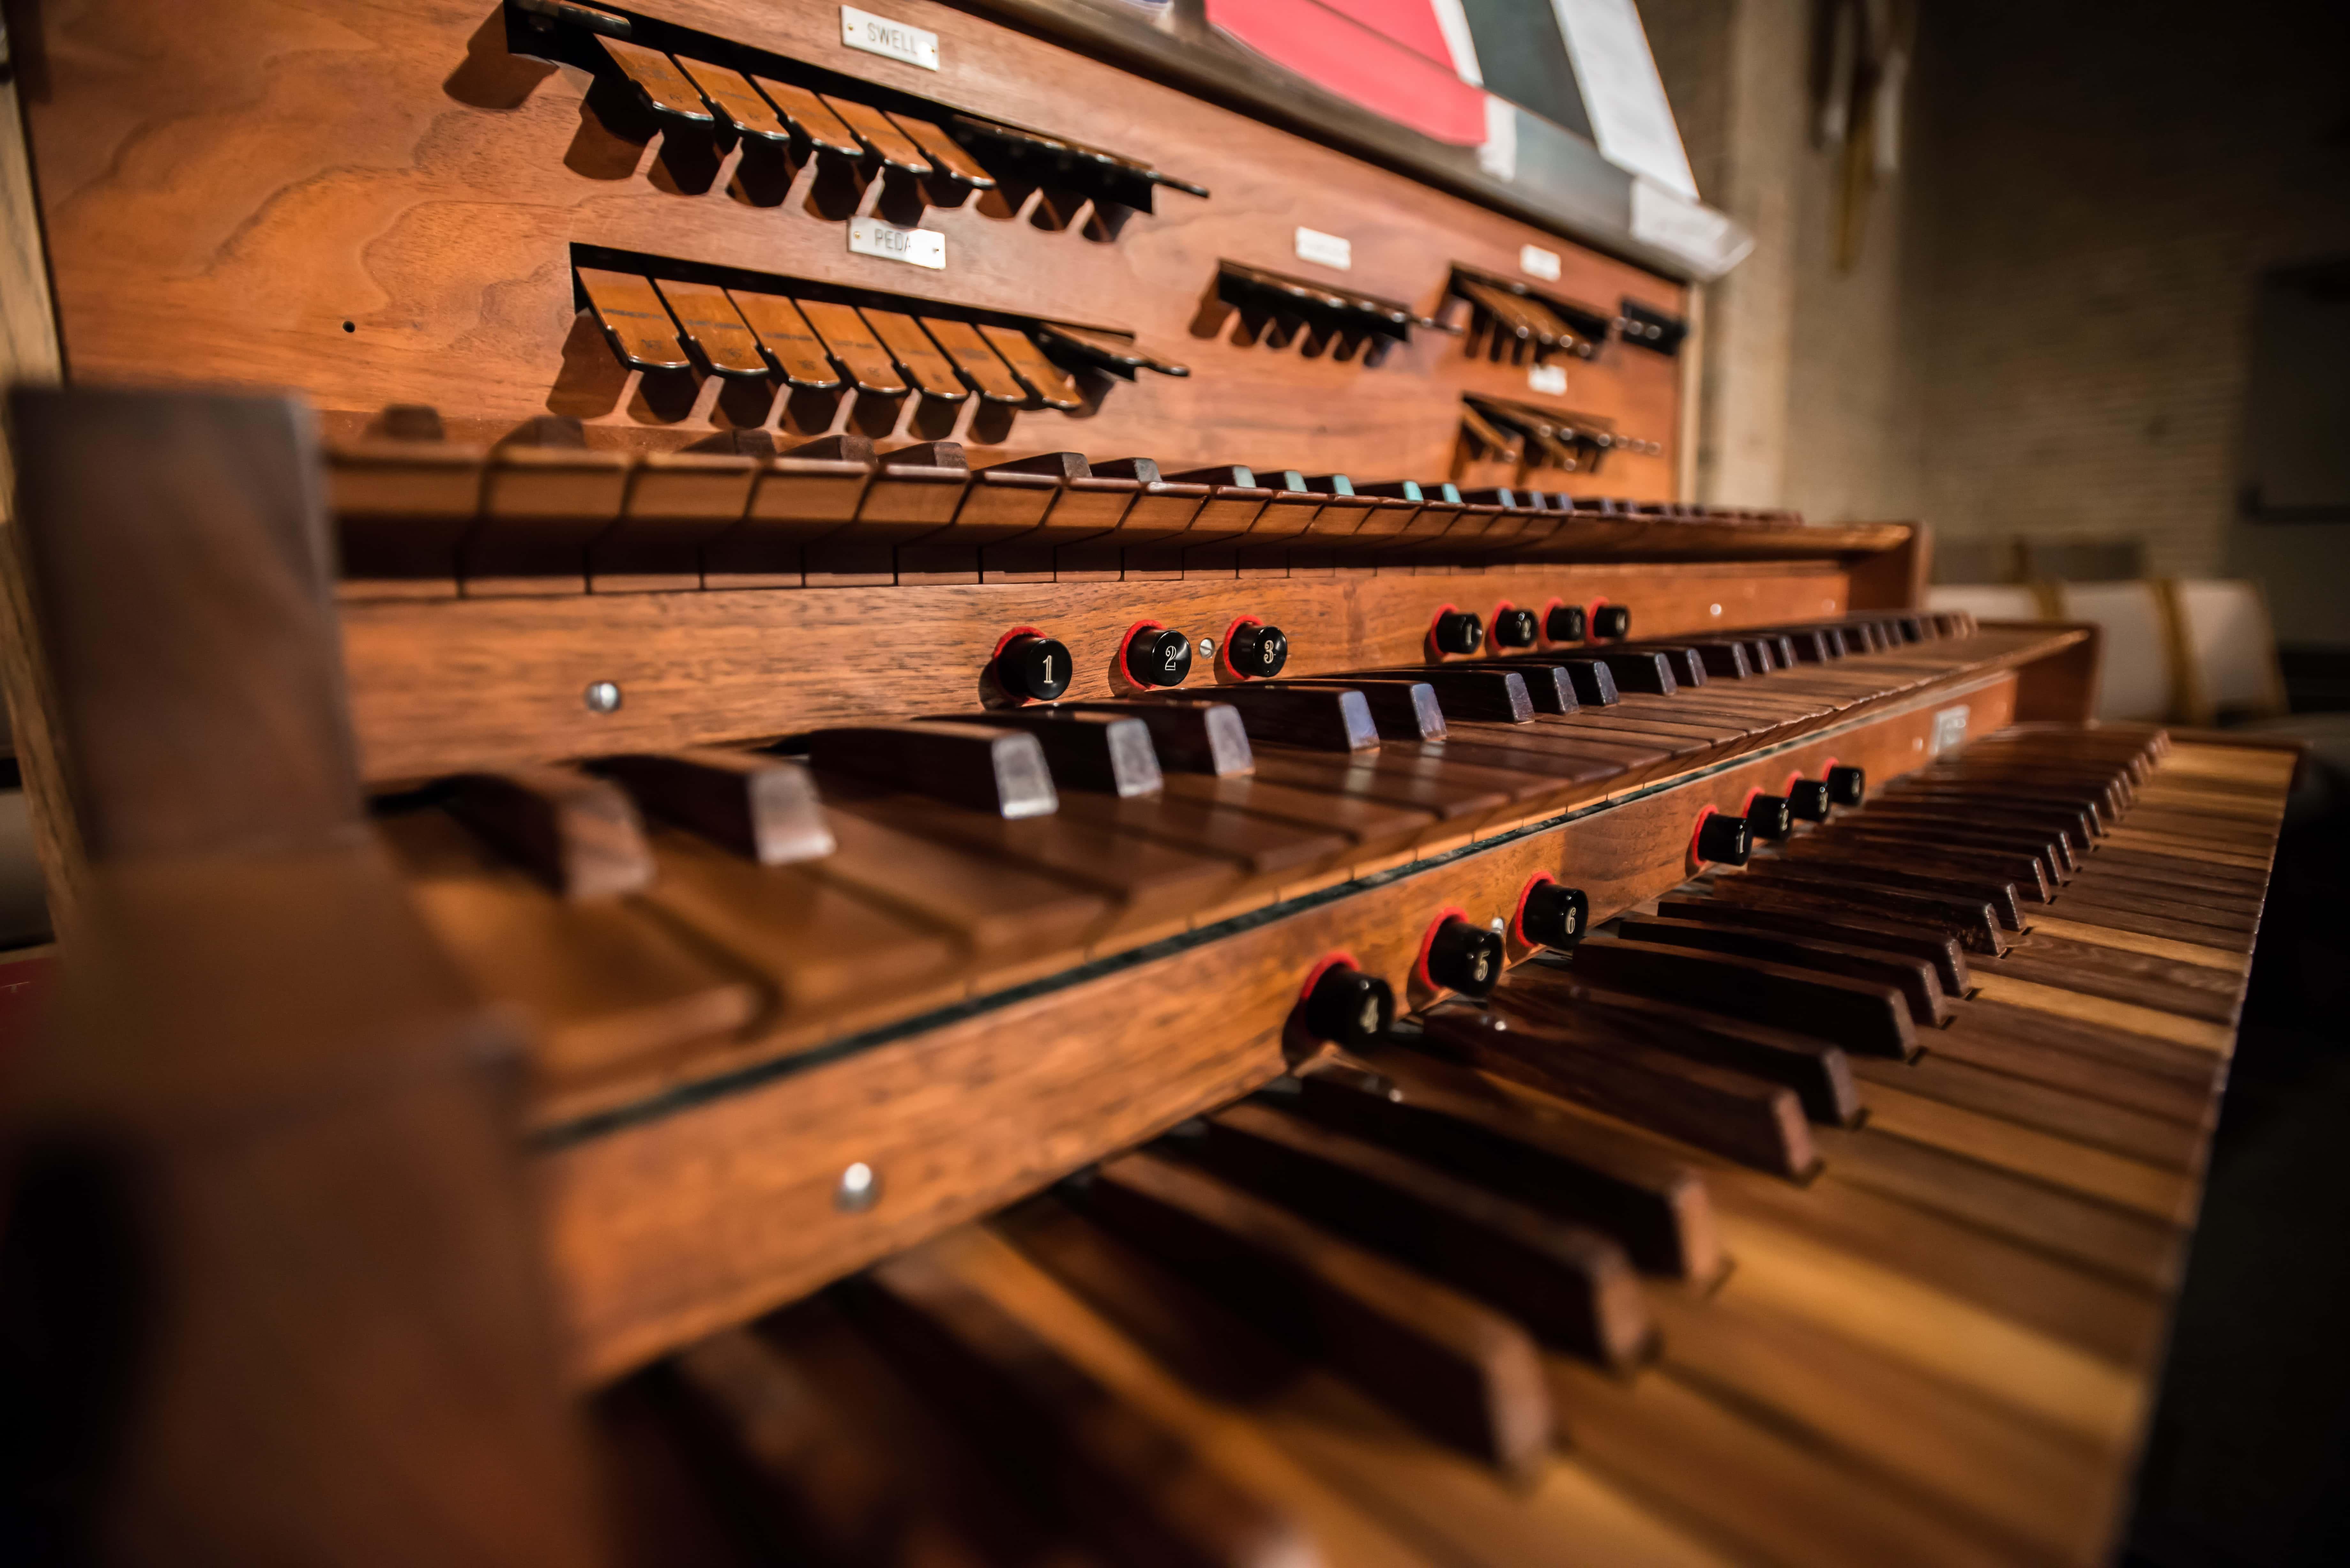 Close-up of wooden keys on organ